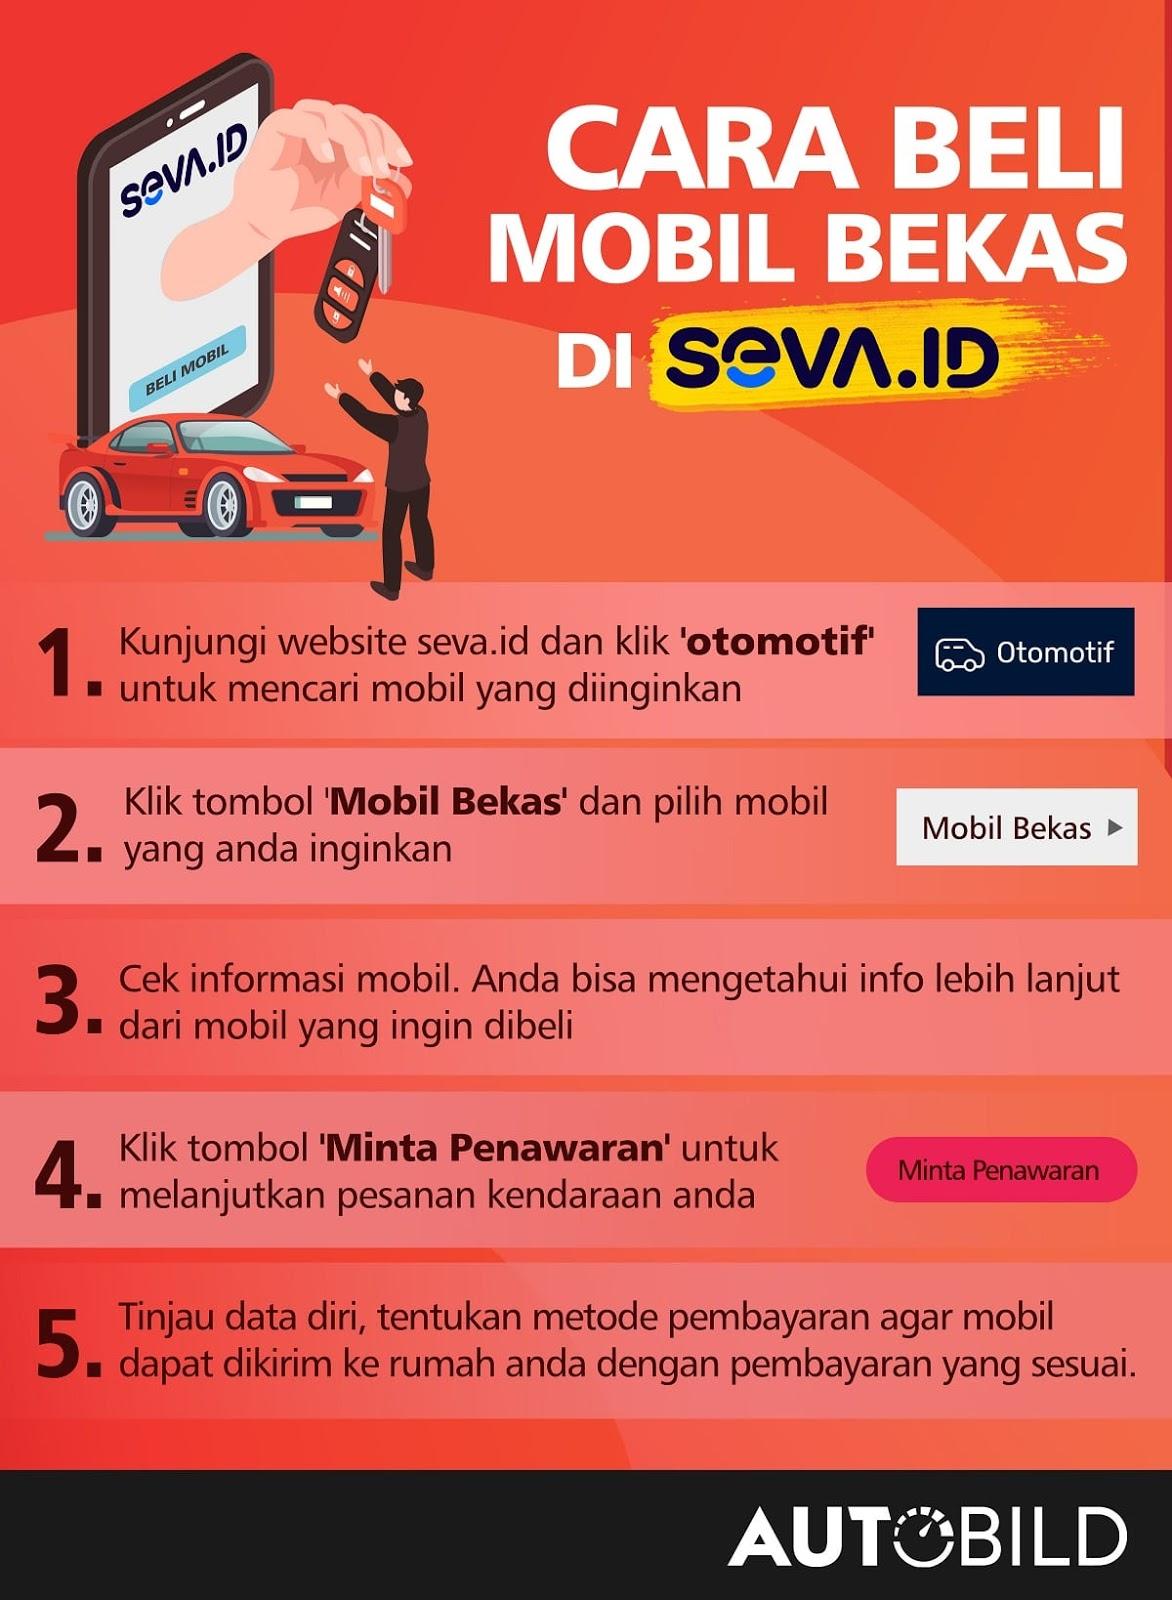 Infografis Beli Mobil Bekas di Platform Seva